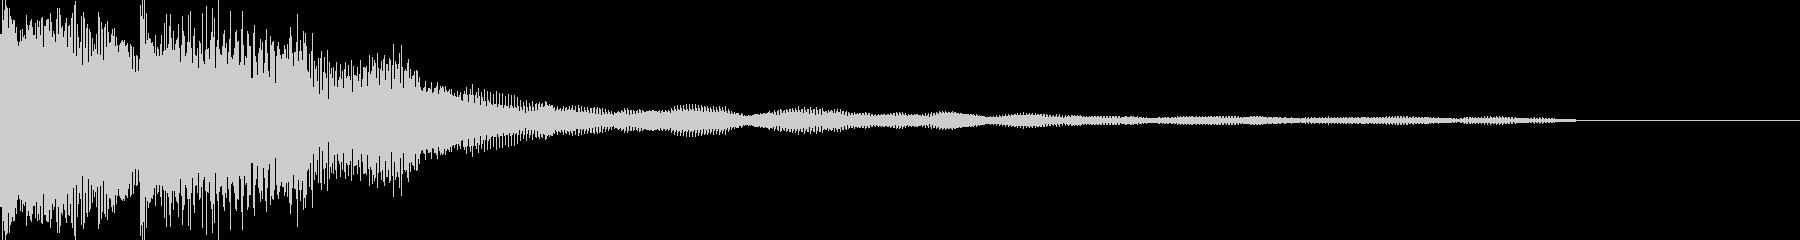 決定音 ボタンを押した音 ピロロンの未再生の波形